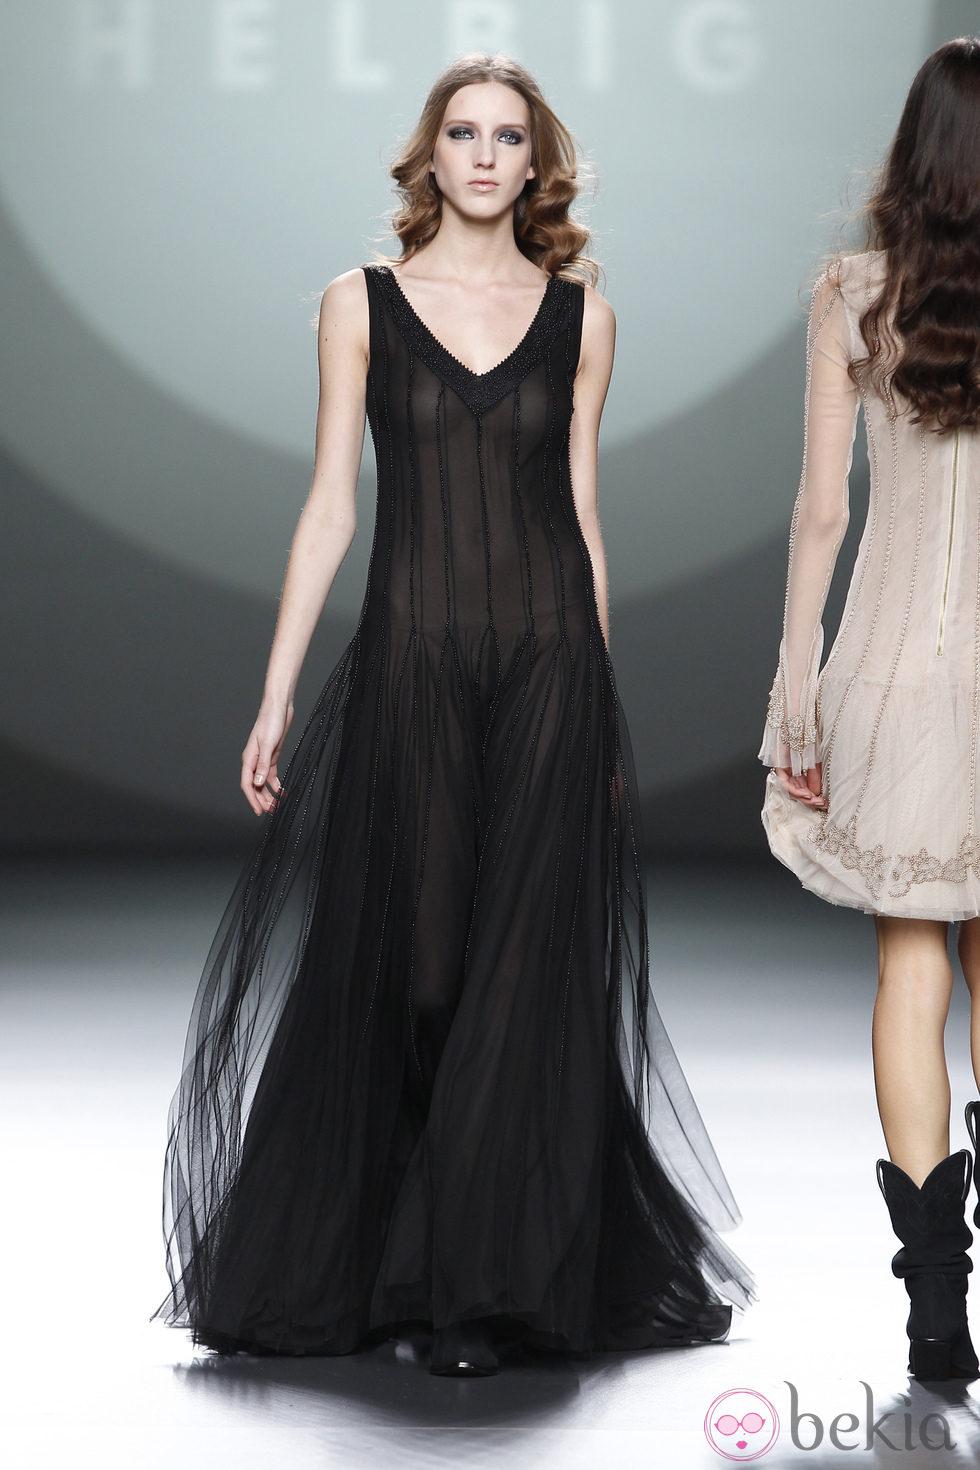 Vestido largo negro con transparencias de Teresa Helbig en Fashion